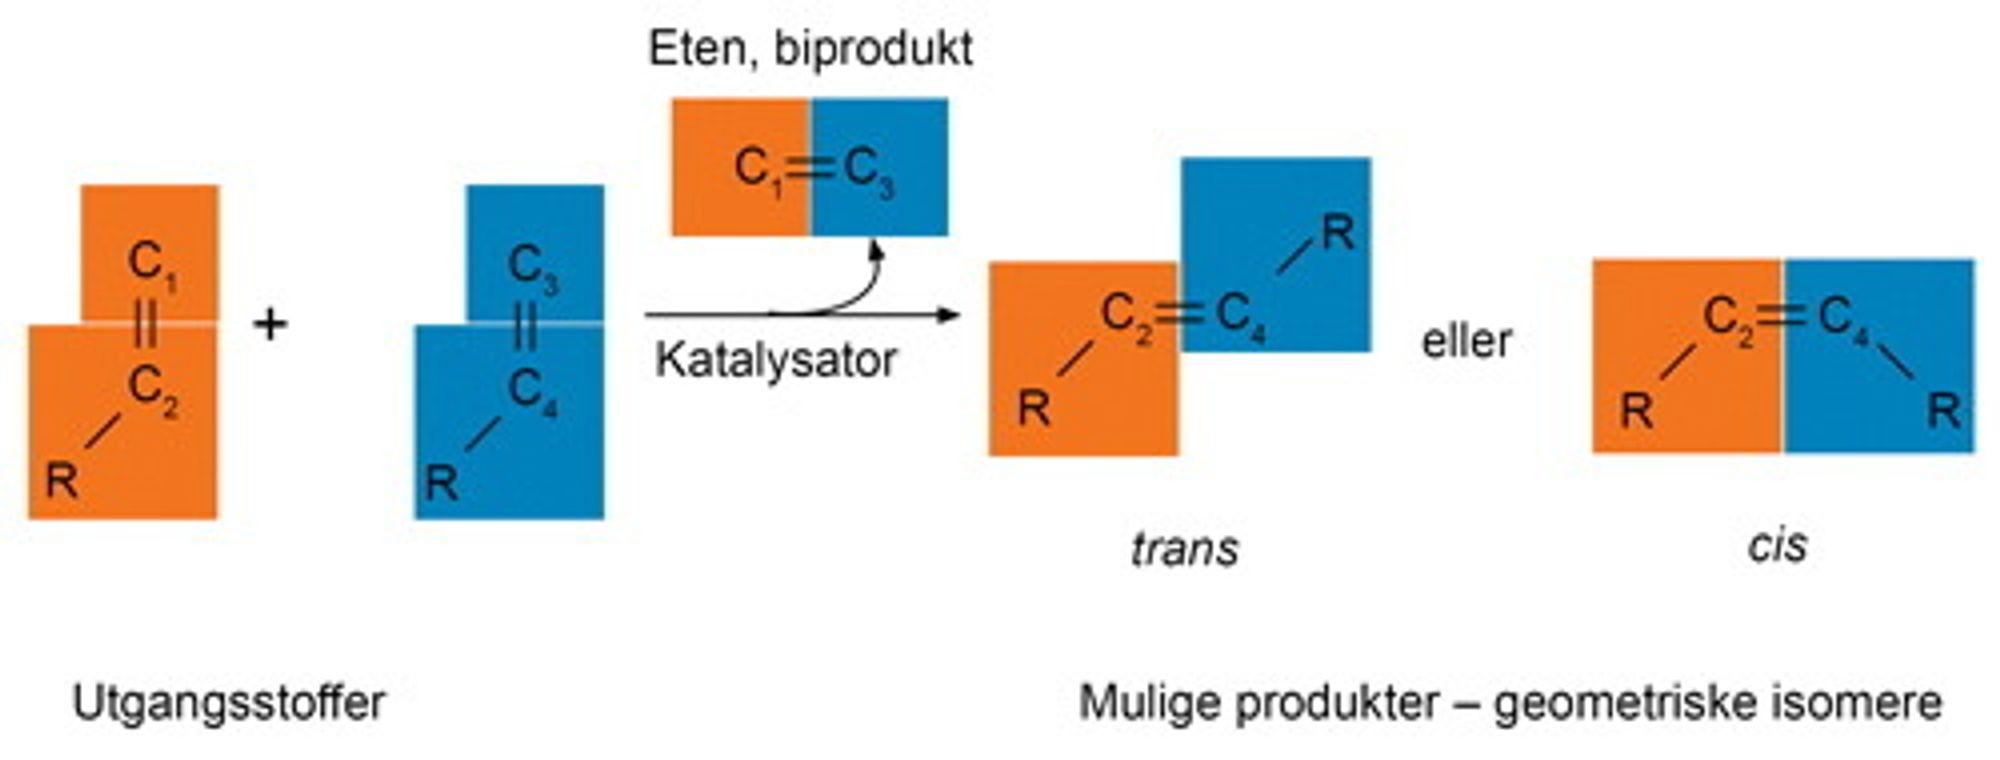 Ved olefinmetatese bytter halvdeler og danner nye alkener. Kjemiske grupper (R) som kan være korte eller lange kjeder eller ringstrukturer, er koblet til karboatomene (C) i den umetta bindingen. I produktet kan de enten være på forskjellig side av bindingen (trans-produkt), eller på samme side (cis-produkt). Katalysatoren påvirker hvor mye som blir dannet av hvert av produktene.